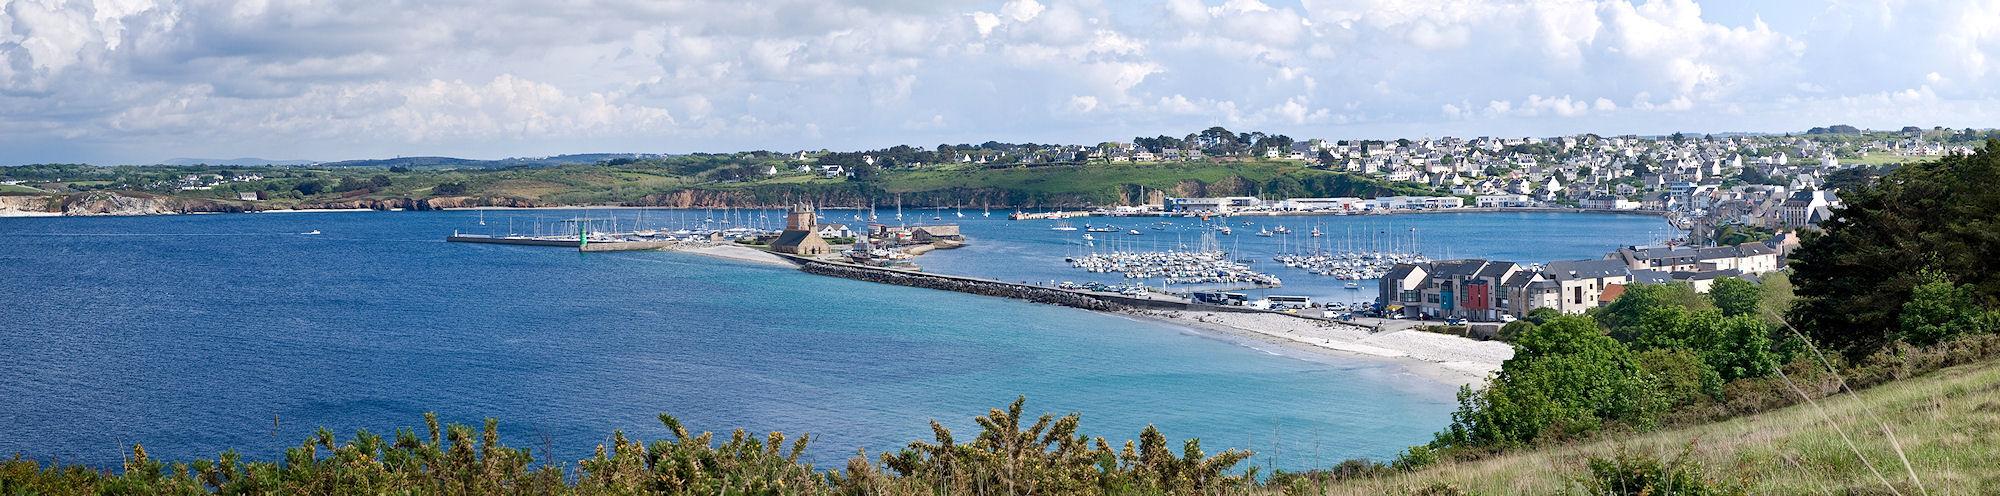 Blick über den Hafen von Camaret